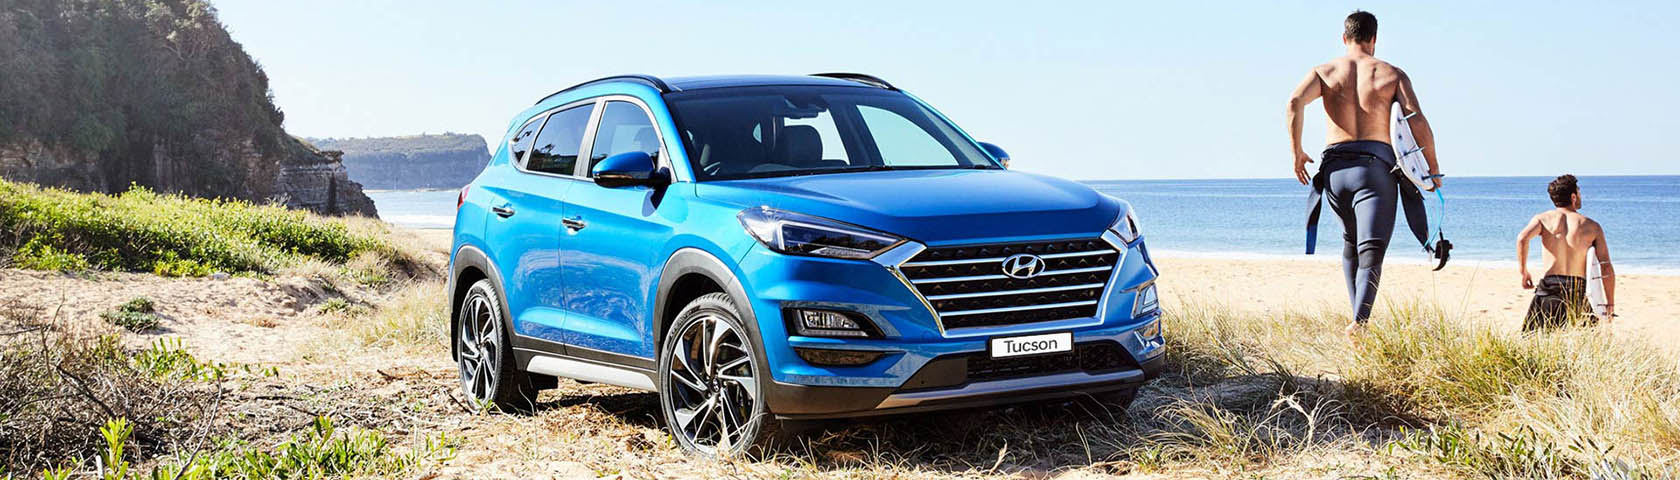 Hyundai-PB-Tucson-01